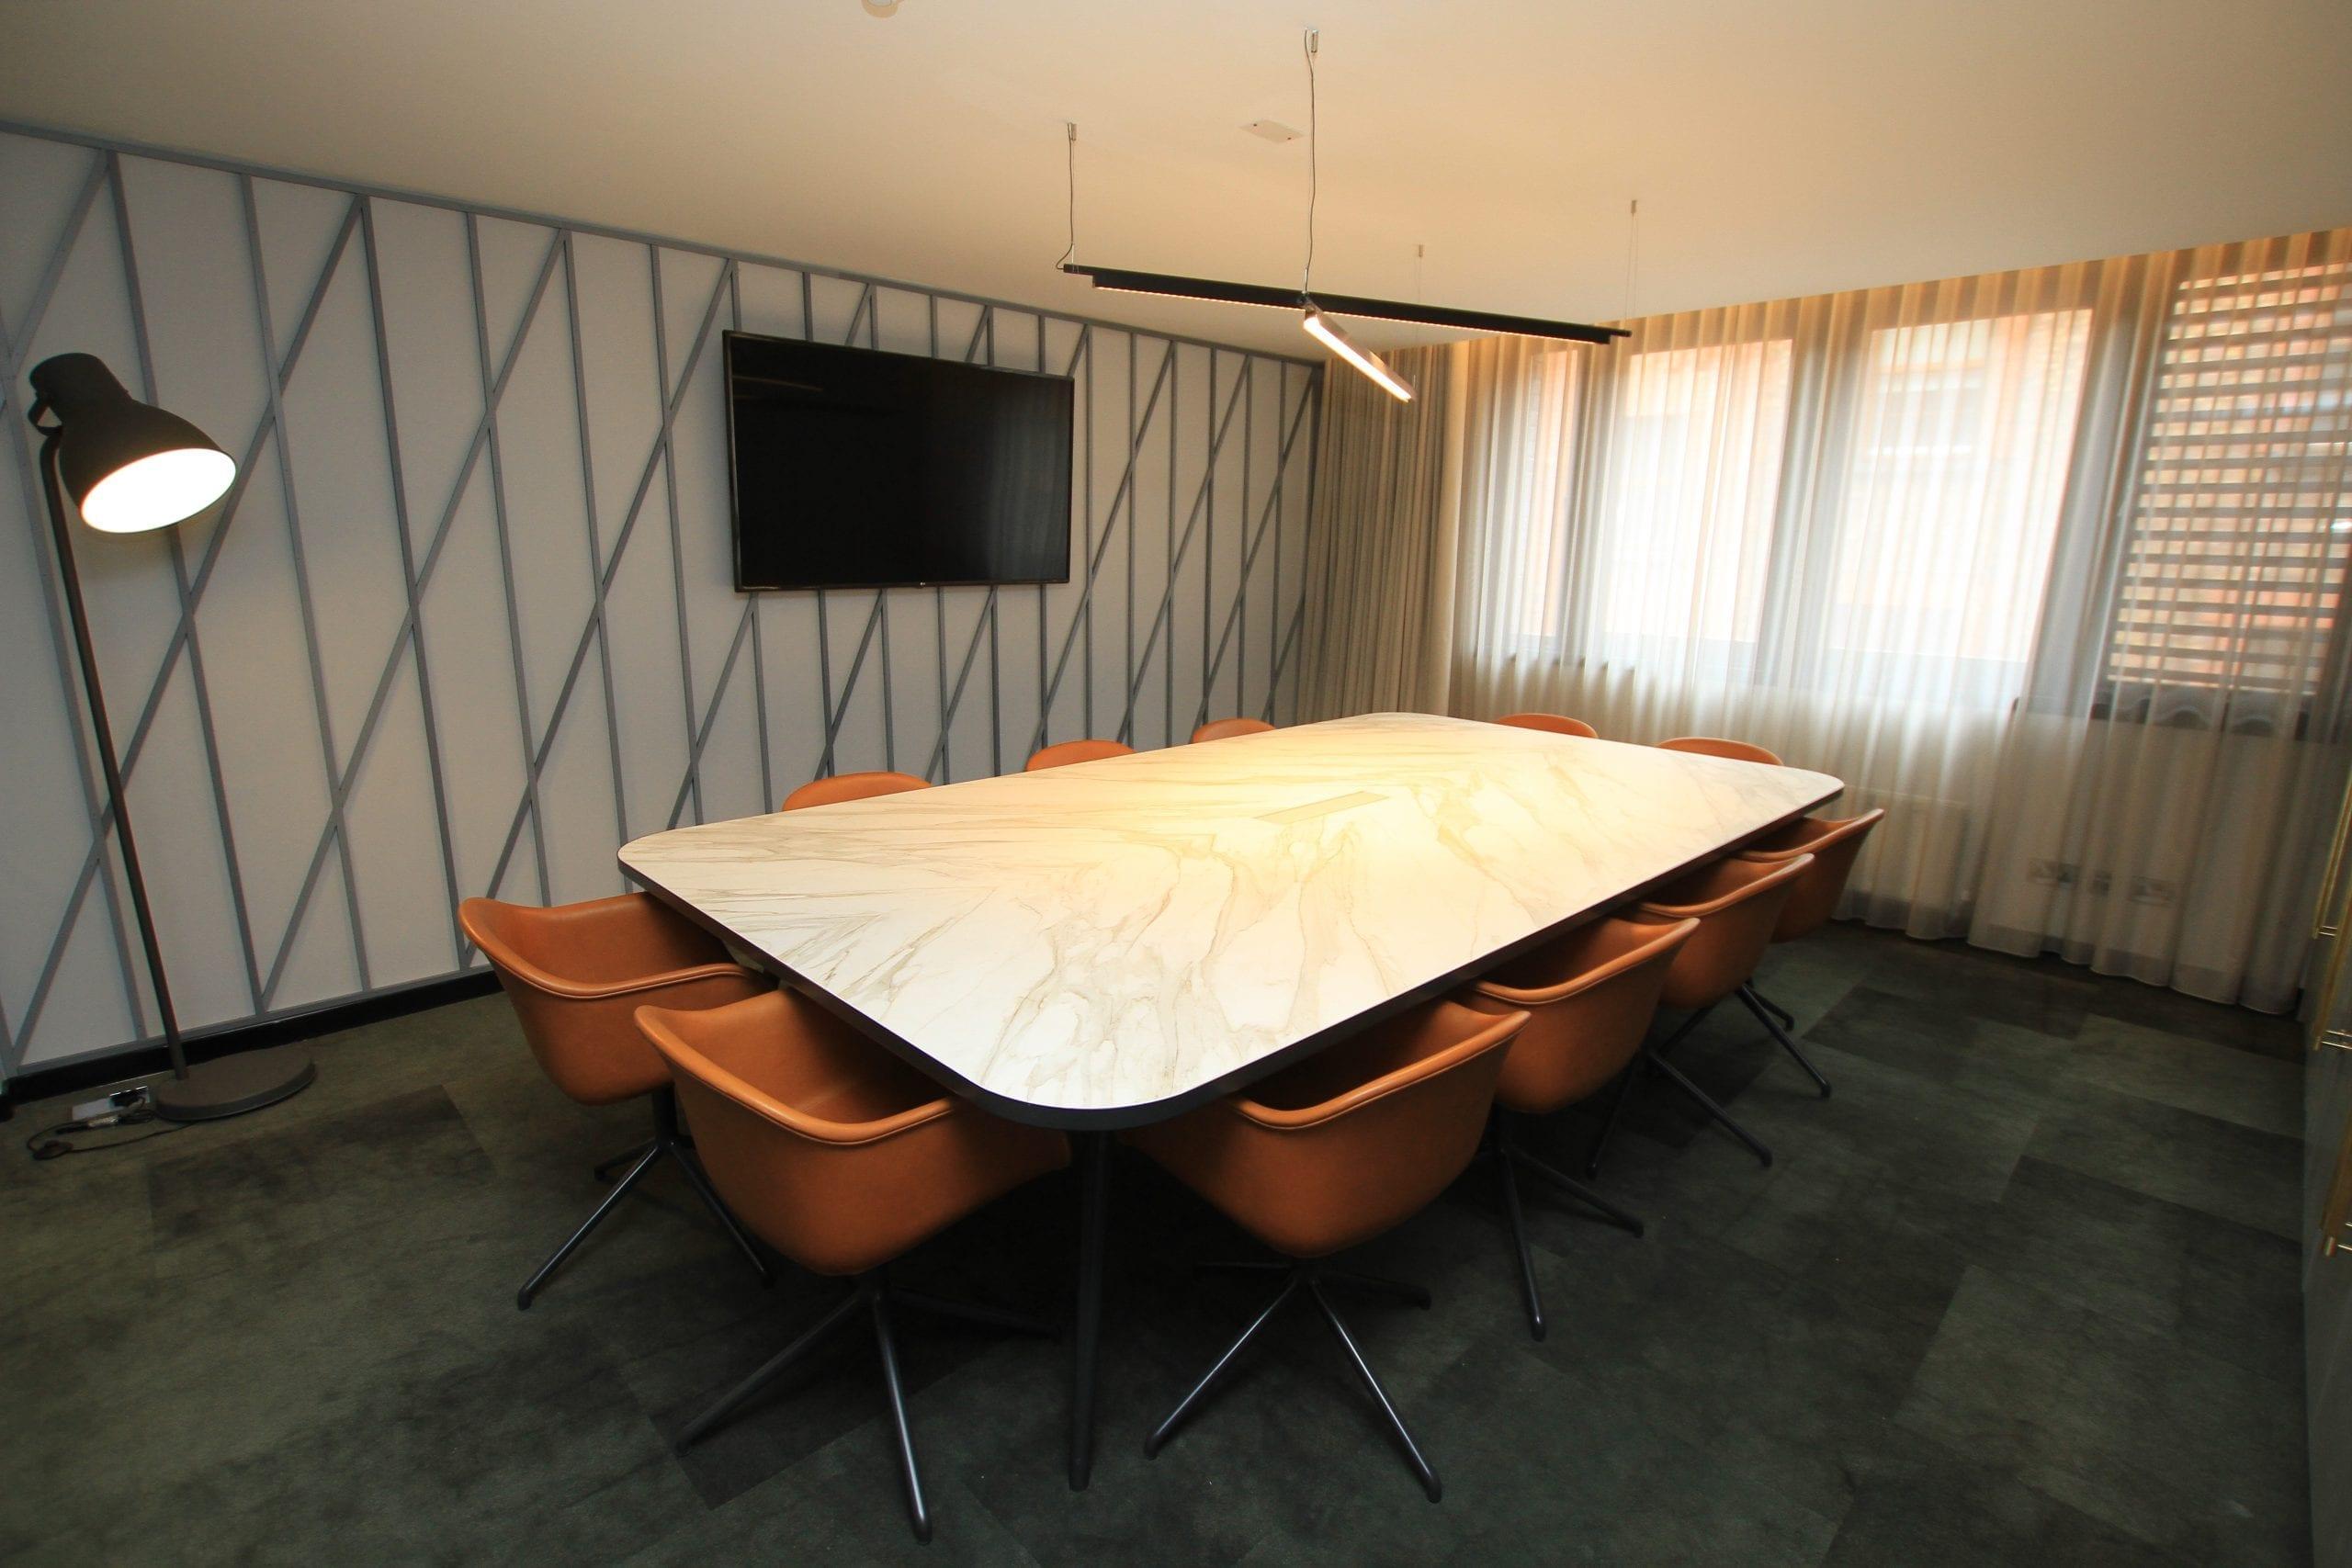 Conference room design 4